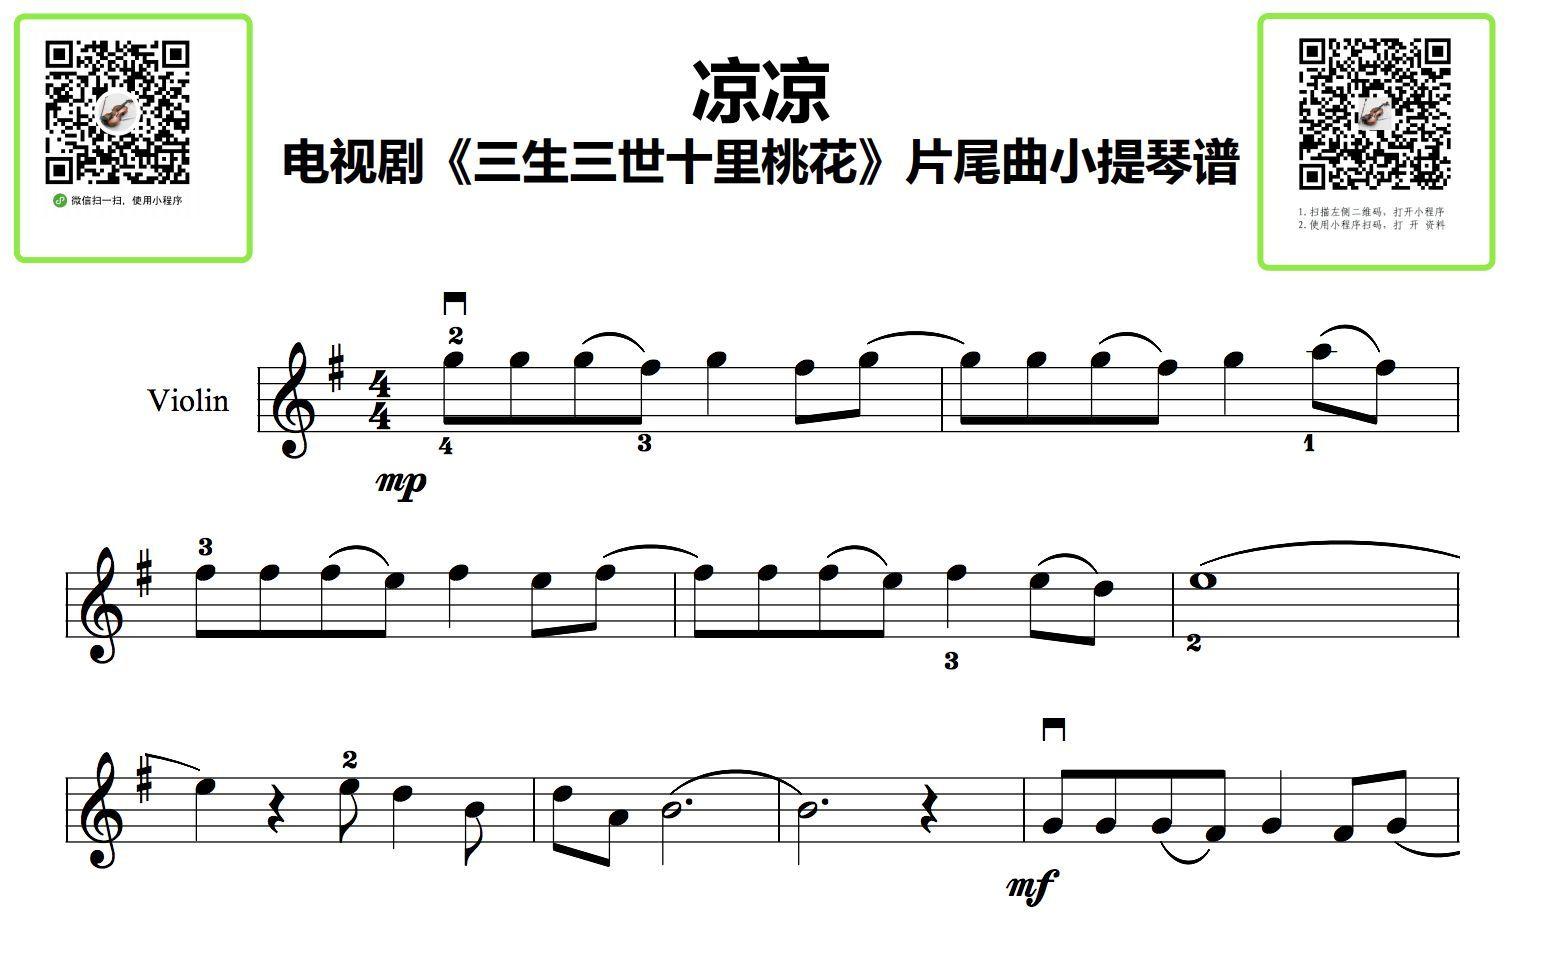 小小家曲谱_小小竹排古筝曲谱